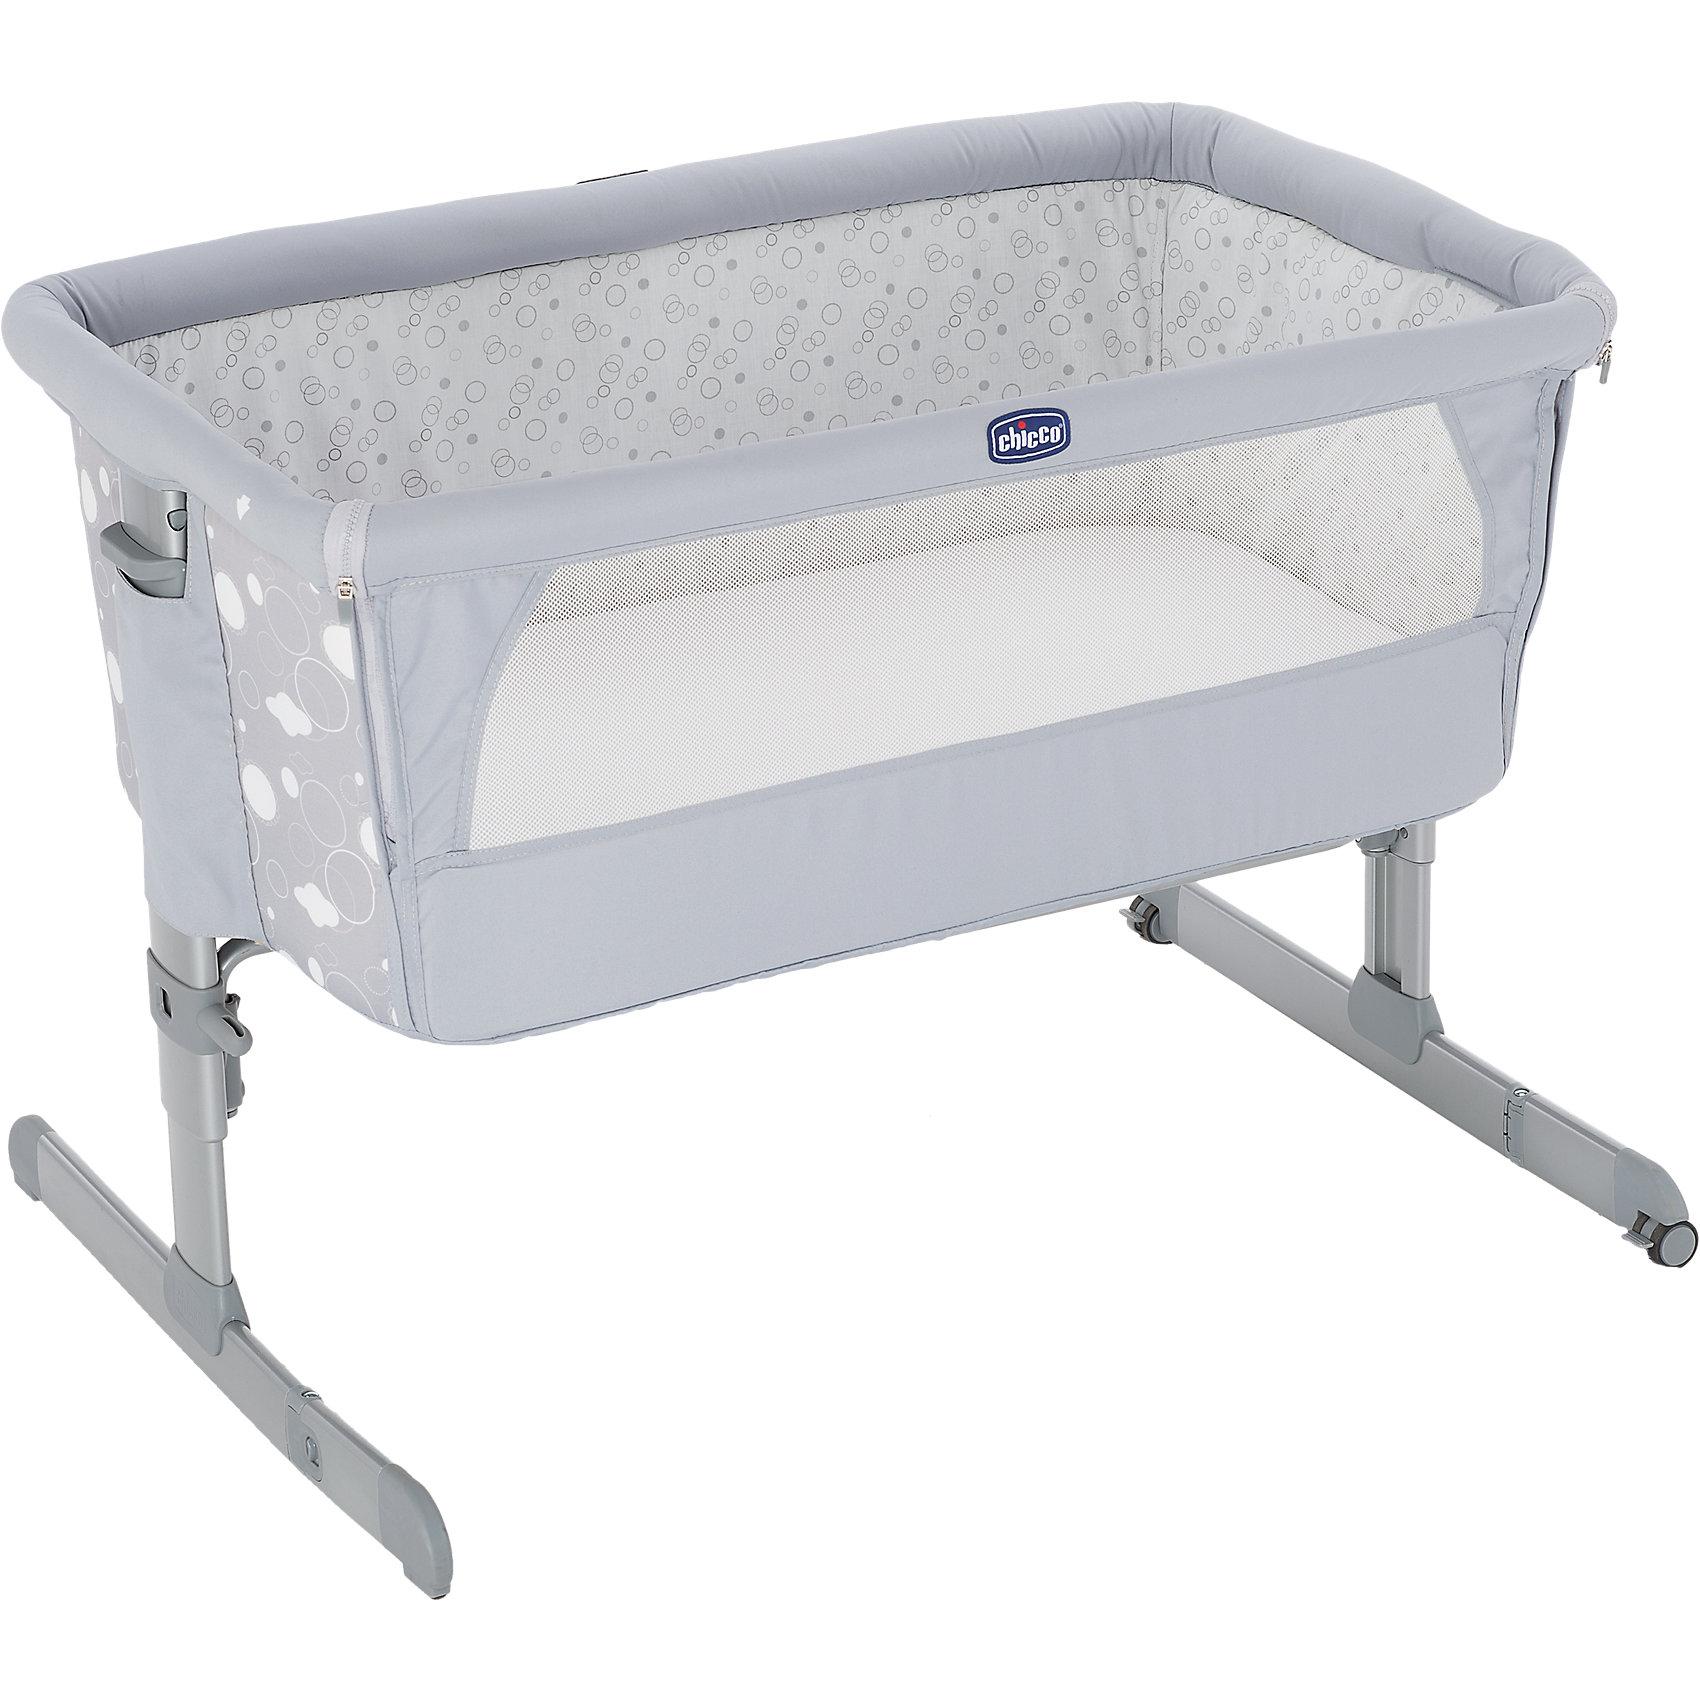 Функциональная кроватка Next2me Circles, ChiccoПрактичная и безопасная функциональная кроватка от Chicco - идеальный вариант для малышей и их родителей. Кровать имеет безопасную систему крепления к кровати родителей и позволяет вам спать рядом с малышом, находясь при этом каждый на своей территории. Боковой бортик очень быстро отстегивается, мягкие стенки дают малышу чувства покоя и уюта. Прочная металлическая основа делает кровать практичной и долговечной. Для наибольшего комфорта ребенка кровать оснащена мягким матрасиком и сетчатыми вставками для вентиляции. <br><br>Дополнительная информация:<br><br>- Материал: пластик, текстиль.<br>- Размер: 66/81 x 93 x 69 см.<br>- Размер в сложенном виде: 95 x 15 см.<br>- Вес: 9 кг.<br>- Отстегивающийся бортик.<br>- Удобный матрас.<br>- Вставки из сетки для циркуляции воздуха. <br>- Высота регулируется. <br>- Крепится к кровати в помощью двух ремней. <br>- Максимальный вес ребенка: 9 кг. <br><br>Функциональную кроватку Next2me Circles, Chicco (Чикко), можно купить в нашем магазине.<br><br>Ширина мм: 940<br>Глубина мм: 600<br>Высота мм: 160<br>Вес г: 10244<br>Цвет: серый<br>Возраст от месяцев: 0<br>Возраст до месяцев: 6<br>Пол: Унисекс<br>Возраст: Детский<br>SKU: 4449673